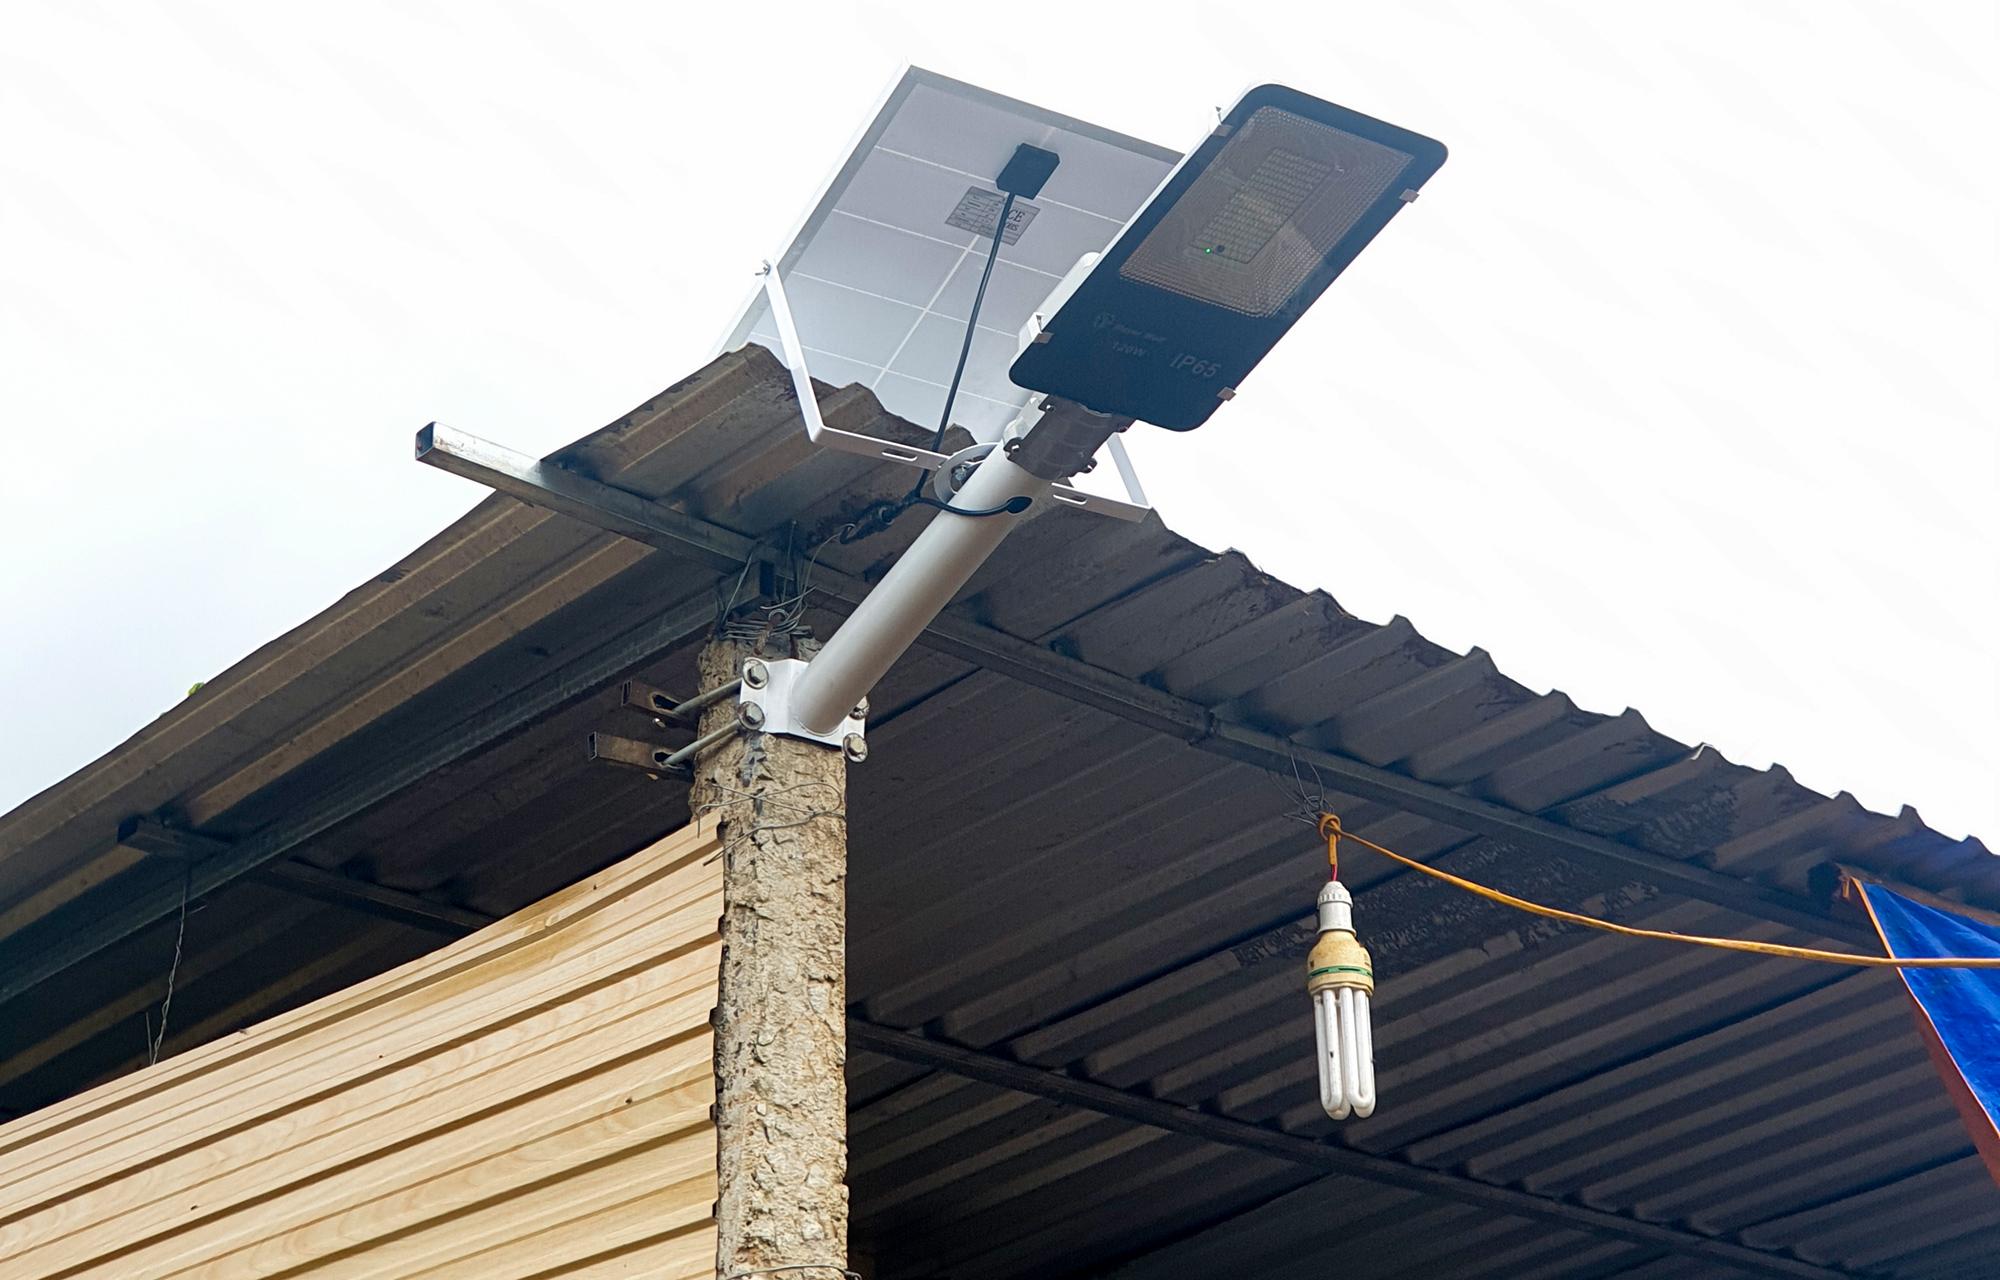 Một mẫu đèn năng lượng mặt trời được lắp tại trang trại chăn nuôi. Ảnh: Bảo Lâm.